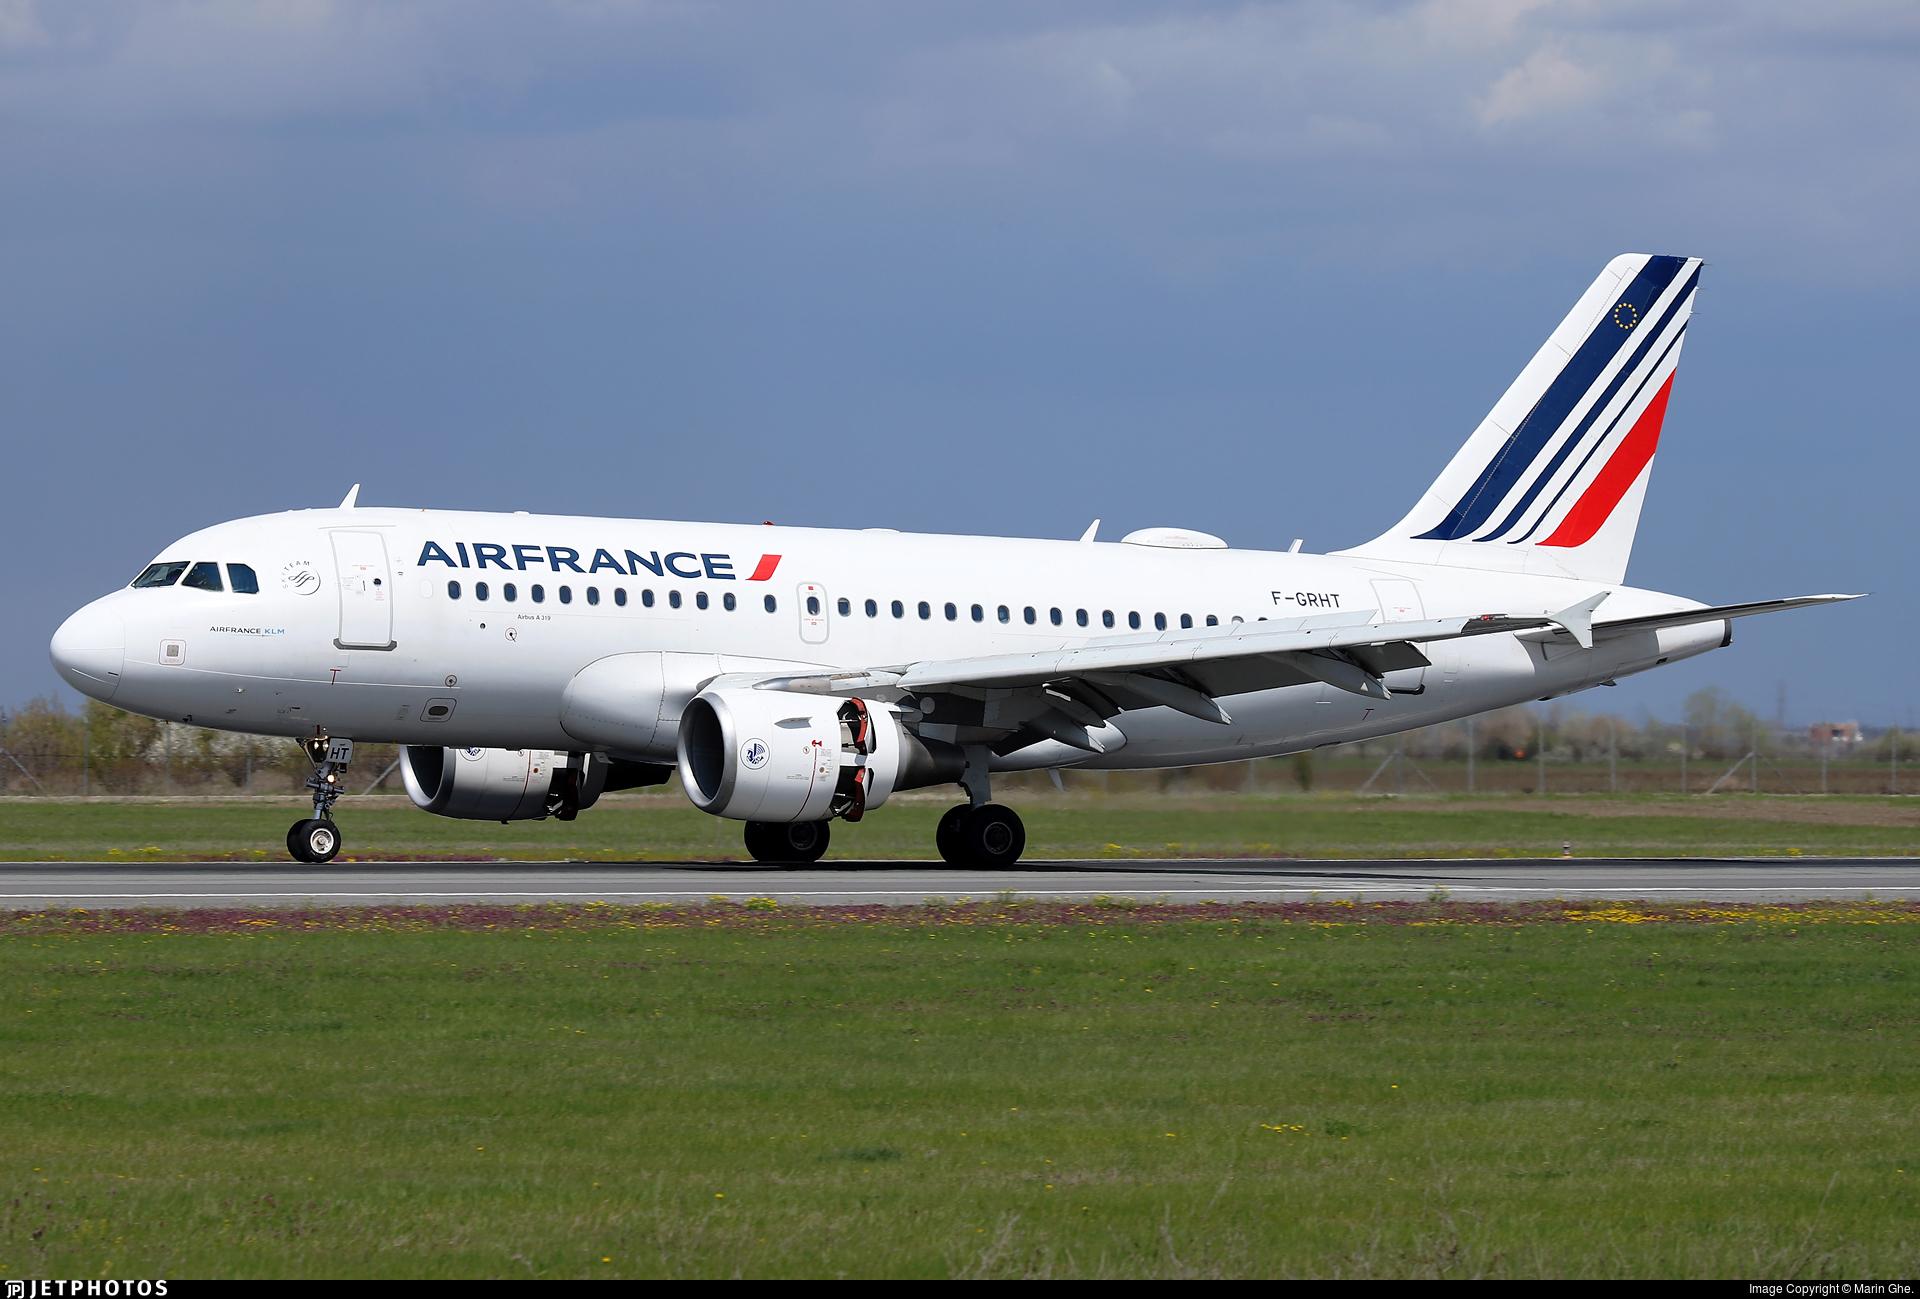 F-GRHT - Airbus A319-111 - Air France